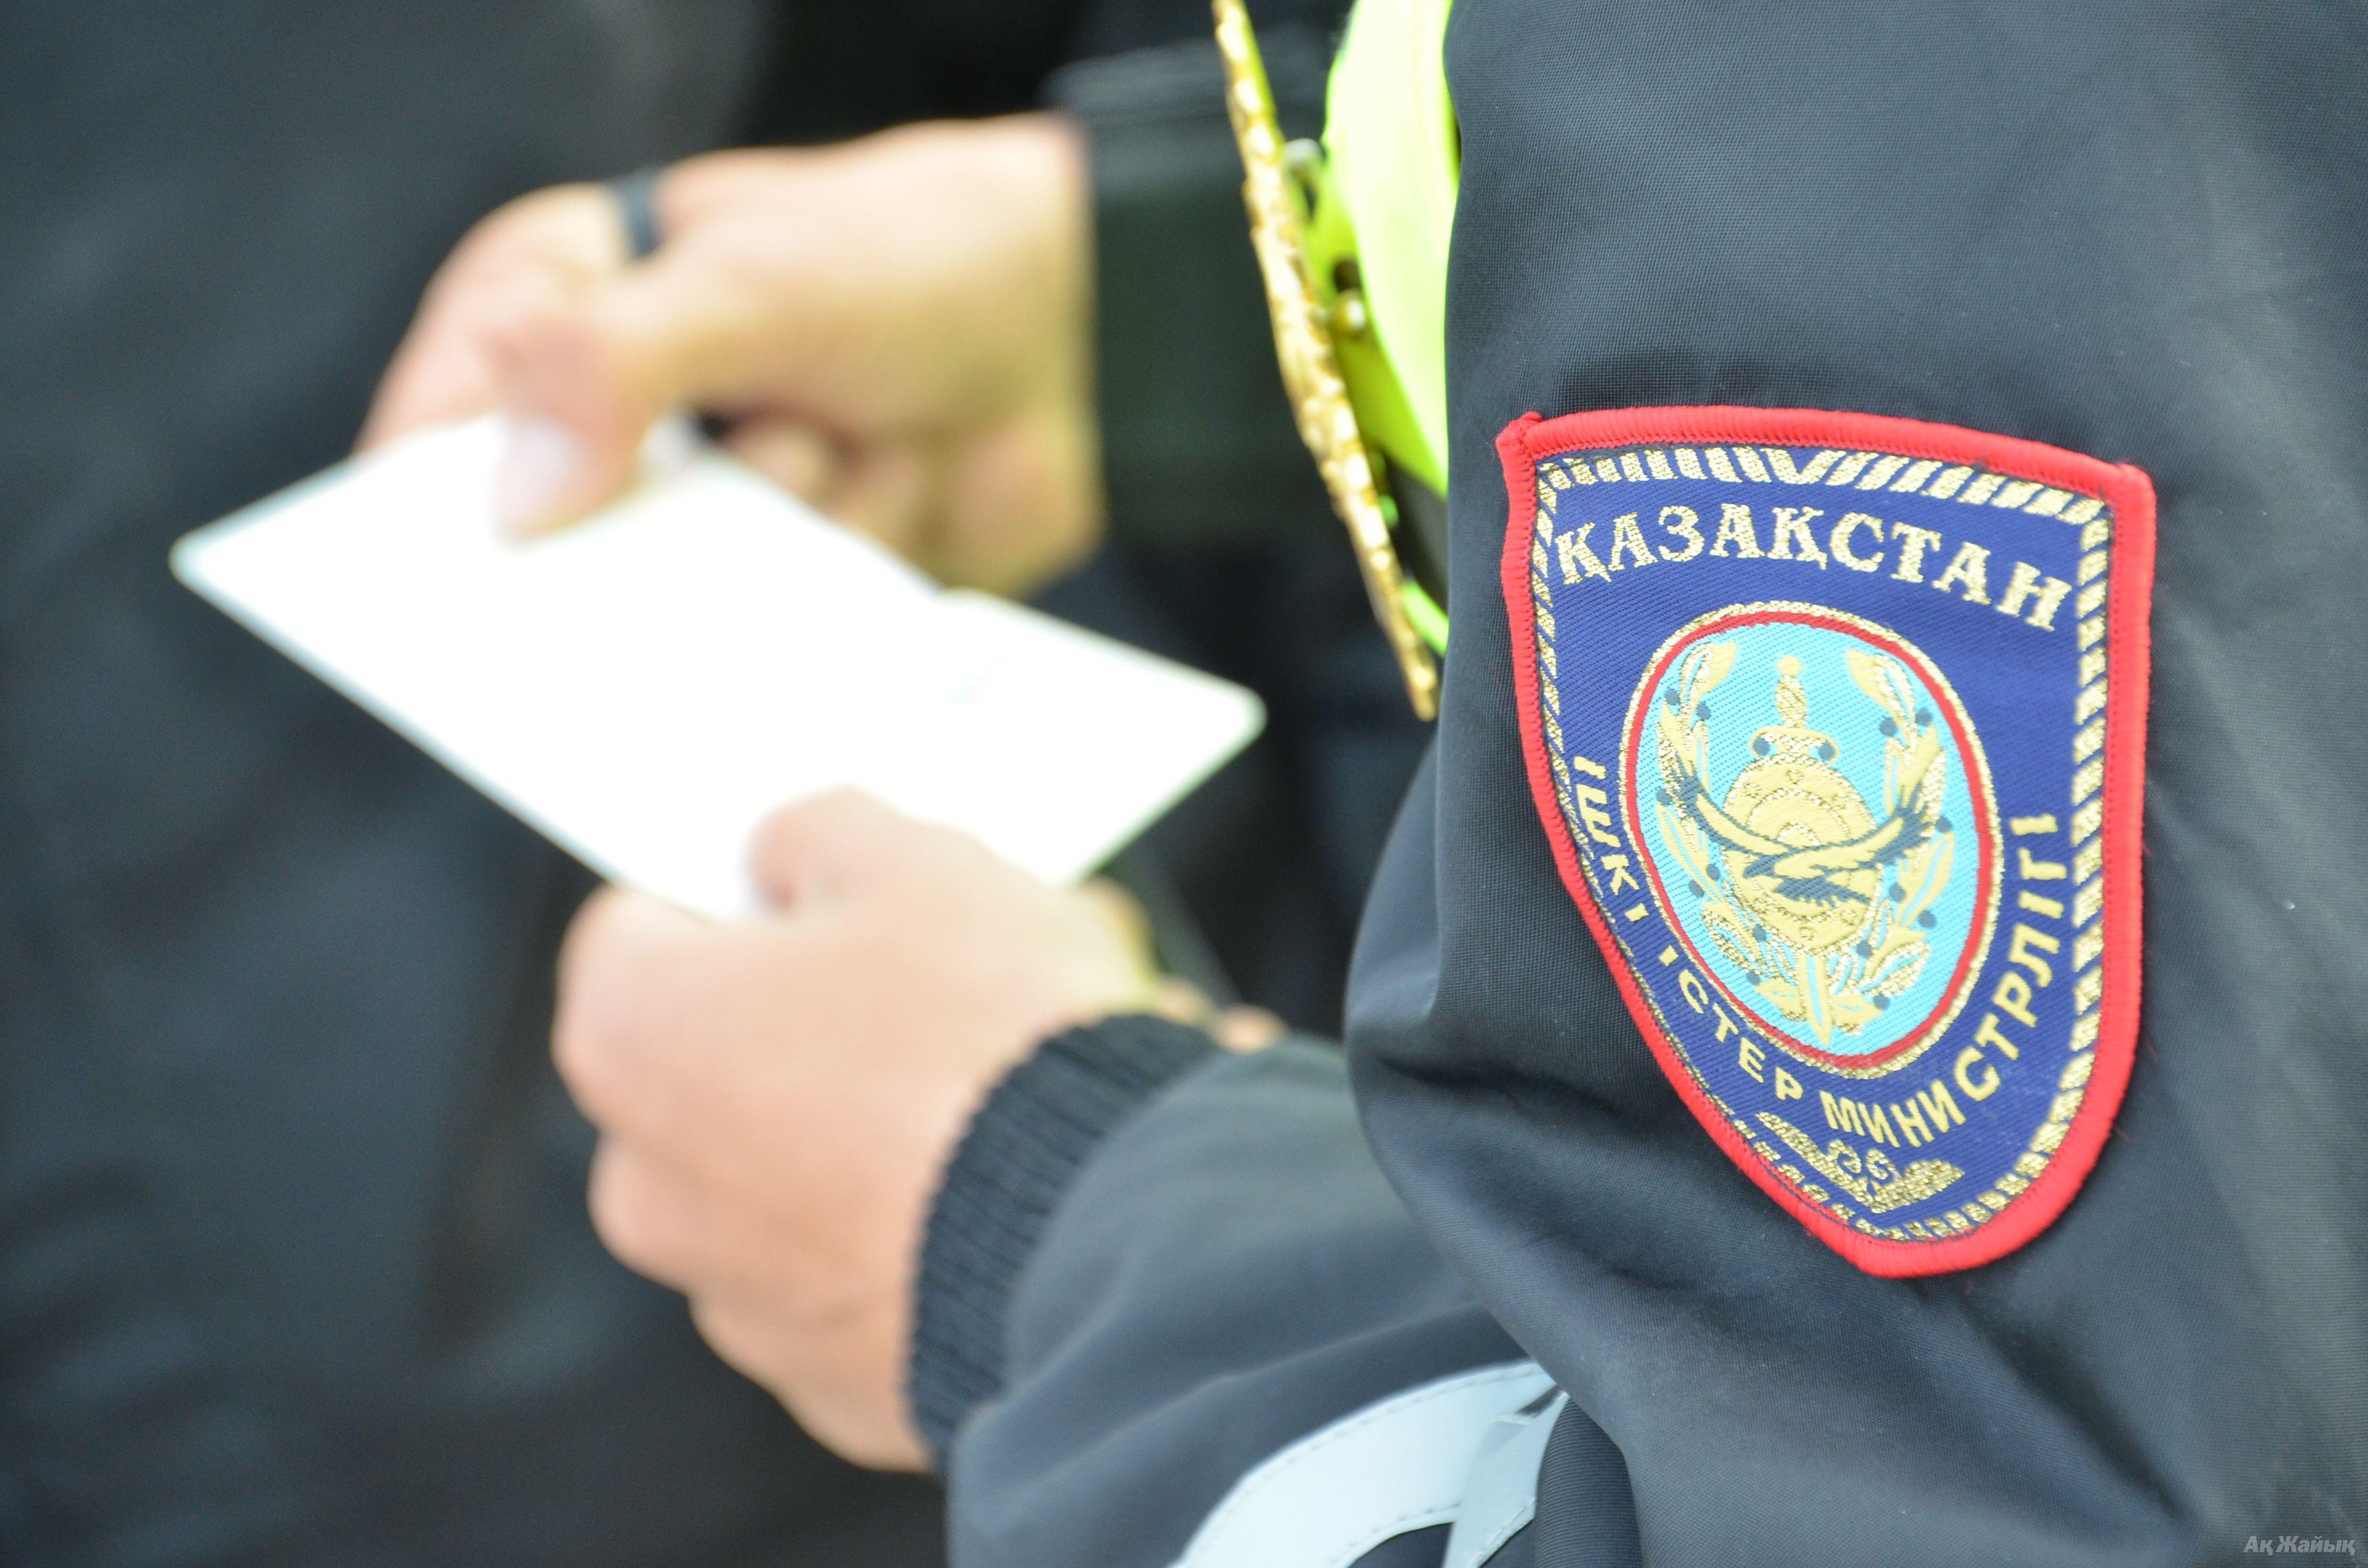 ТҮРКІСТАН: Арыста кафеде полицейлерге бағынбаған жігіт сотталды